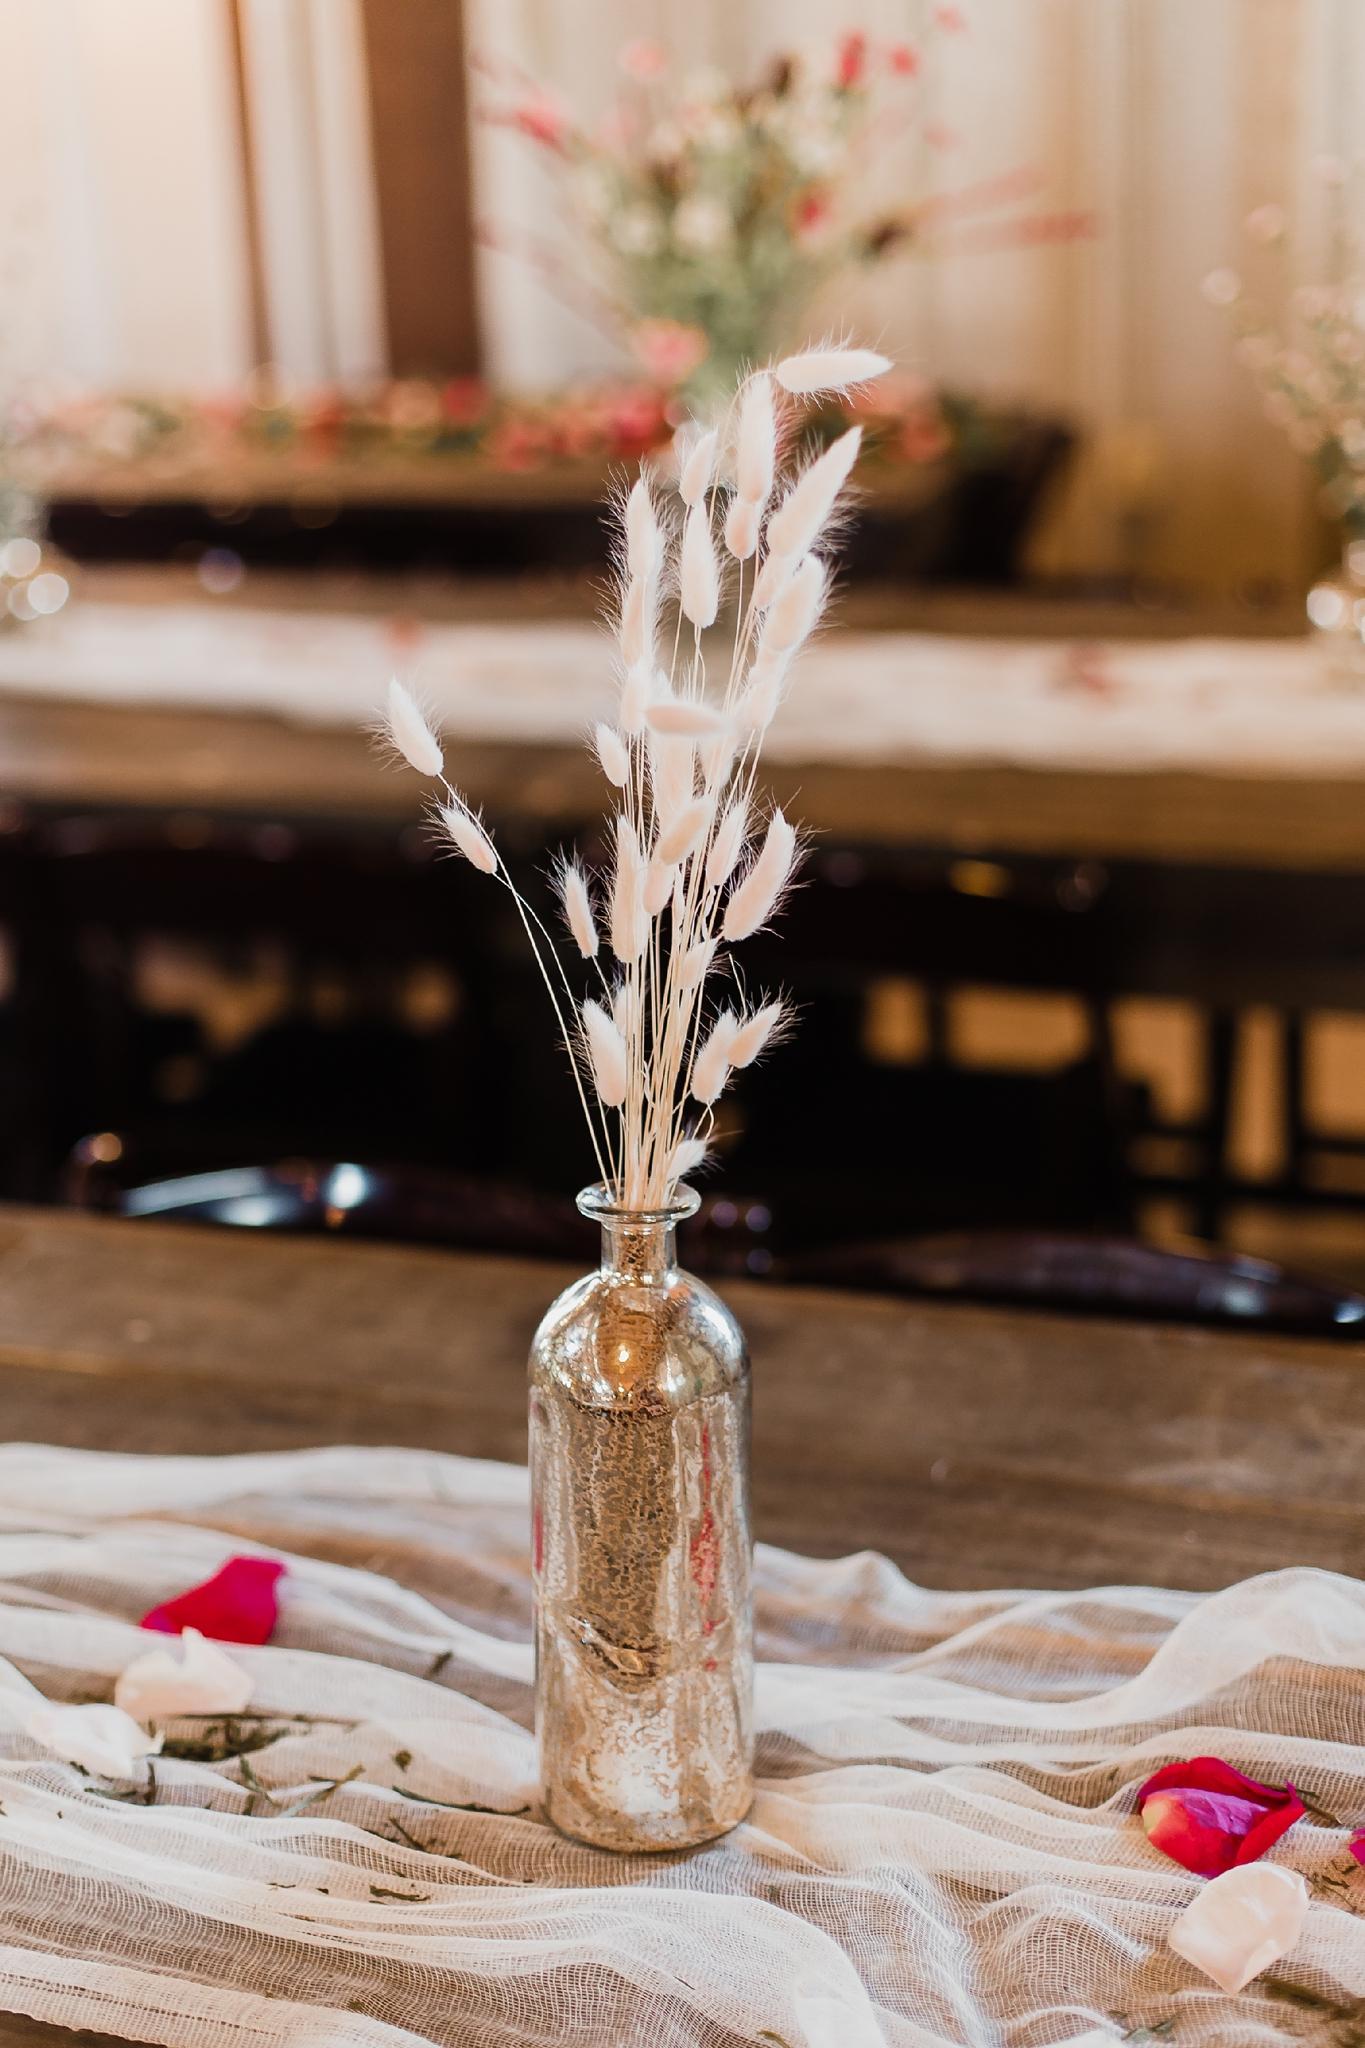 Alicia+lucia+photography+-+albuquerque+wedding+photographer+-+santa+fe+wedding+photography+-+new+mexico+wedding+photographer+-+new+mexico+wedding+-+new+mexico+wedding+-+barn+wedding+-+enchanted+vine+barn+wedding+-+ruidoso+wedding_0049.jpg